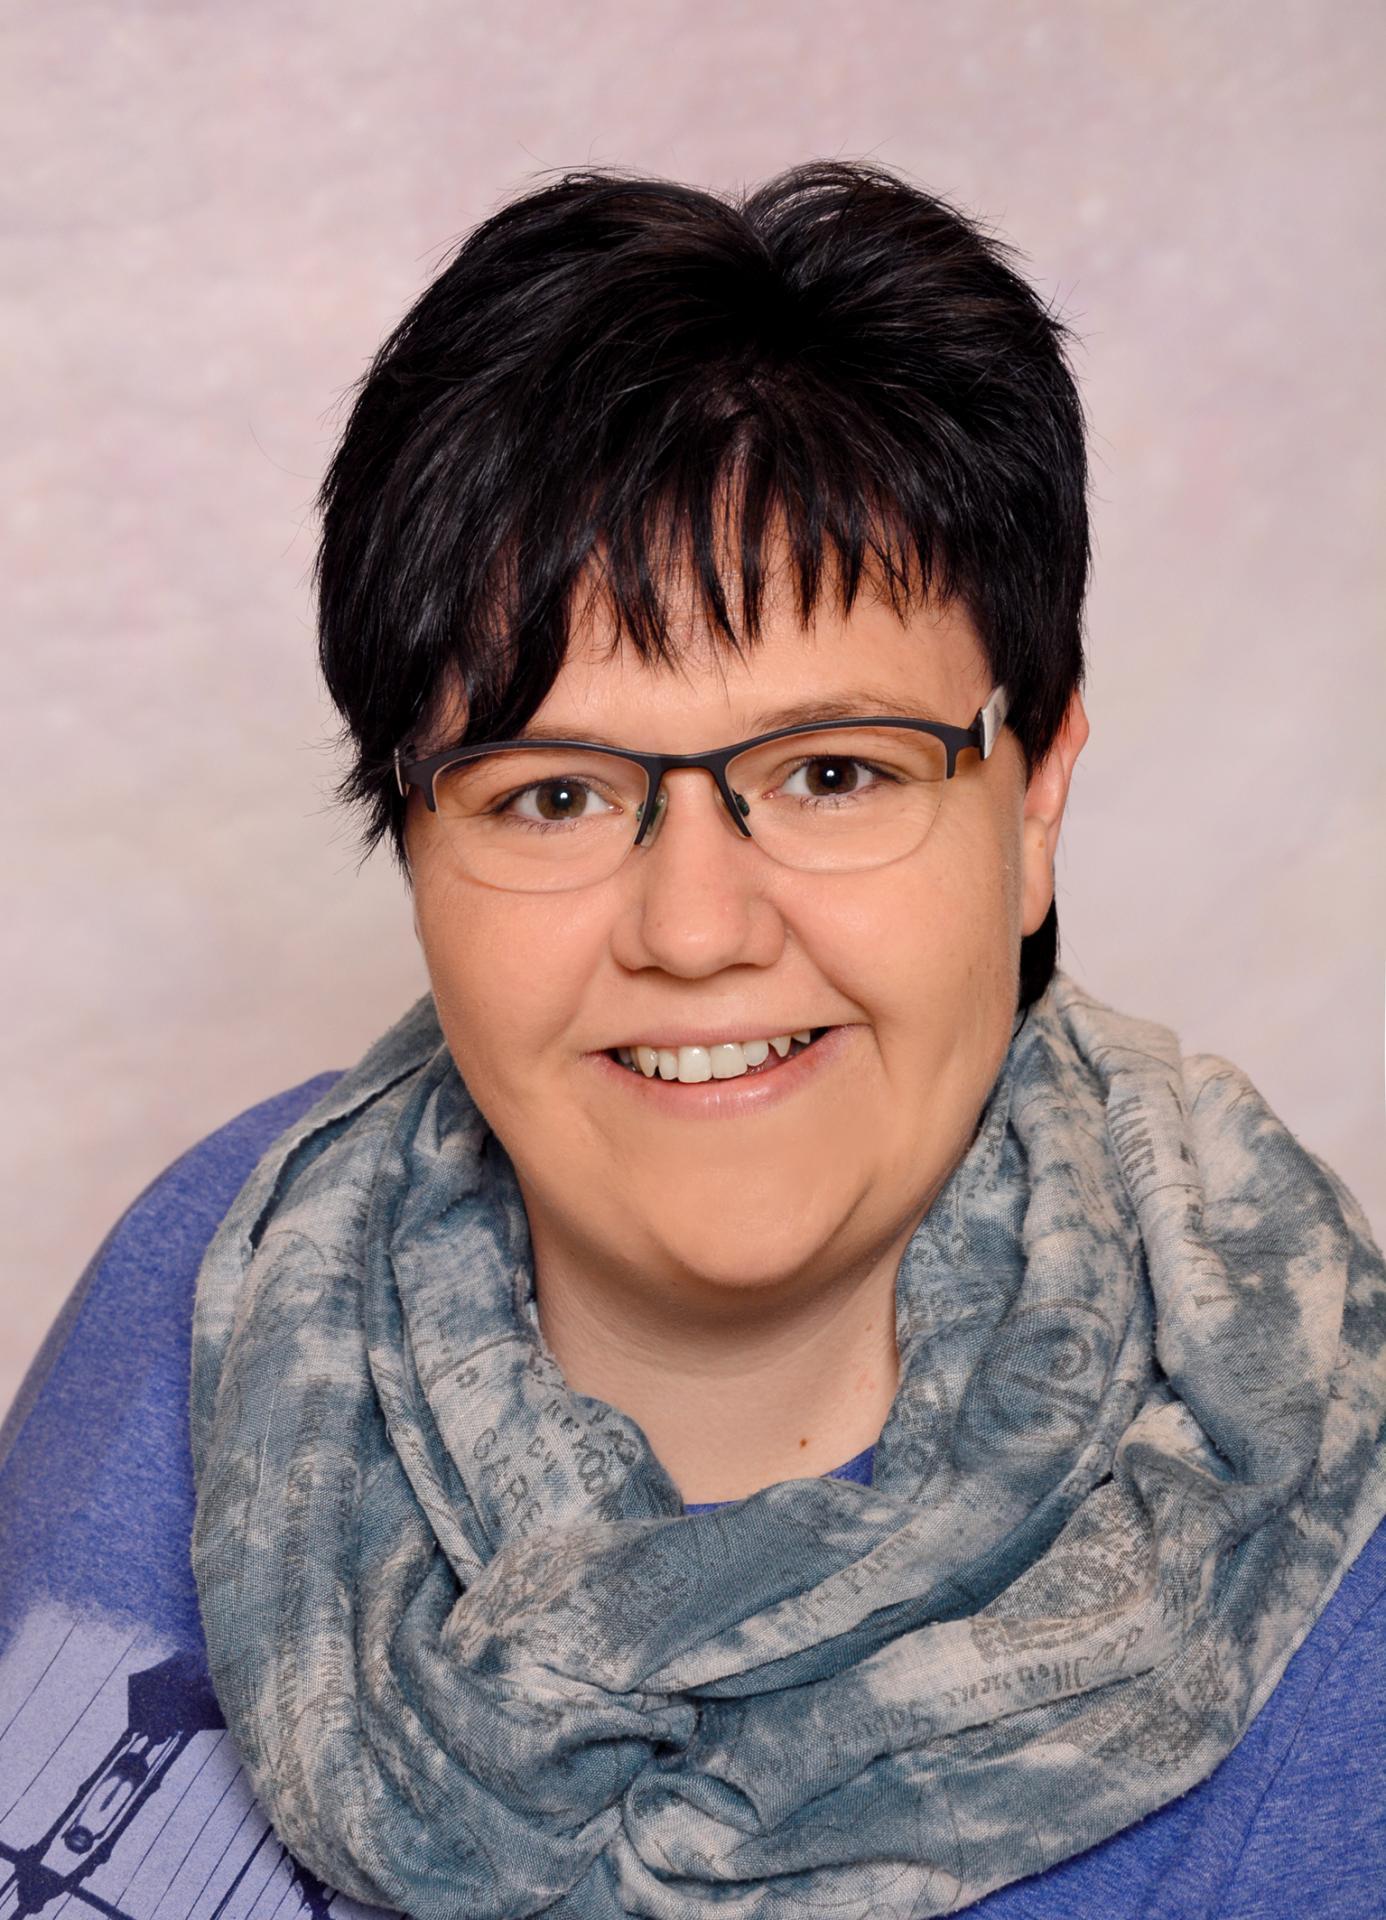 Steffi Fritzsche